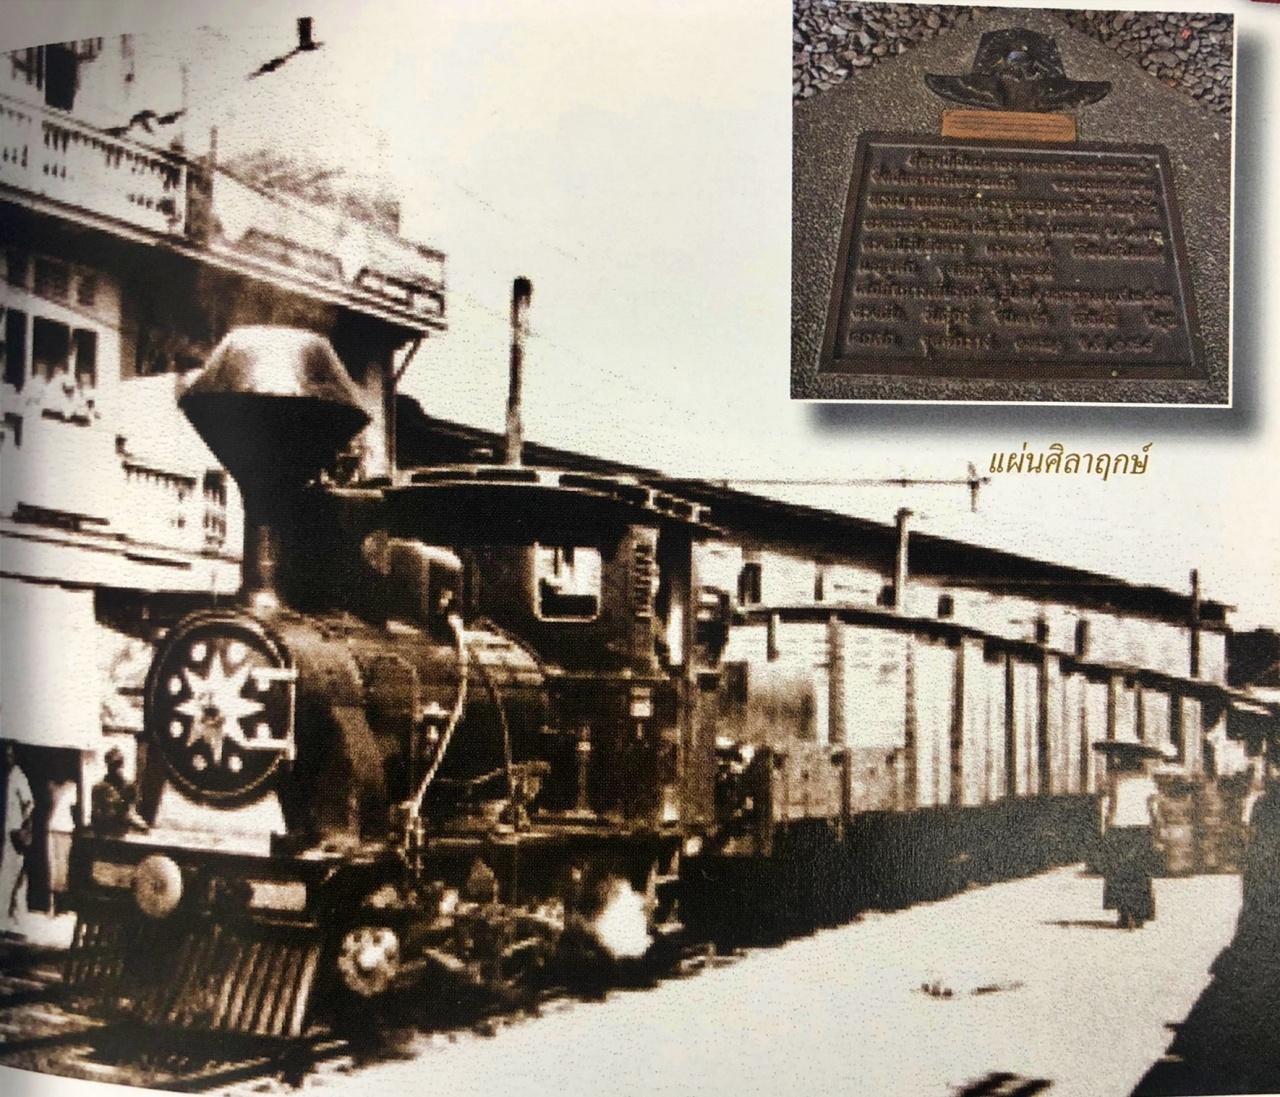 รถไฟที่ใช้ในกิจการรถไฟเอกชนสายแรกในประเทศไทย (กรุงเทพฯ-ปากน้ำ)